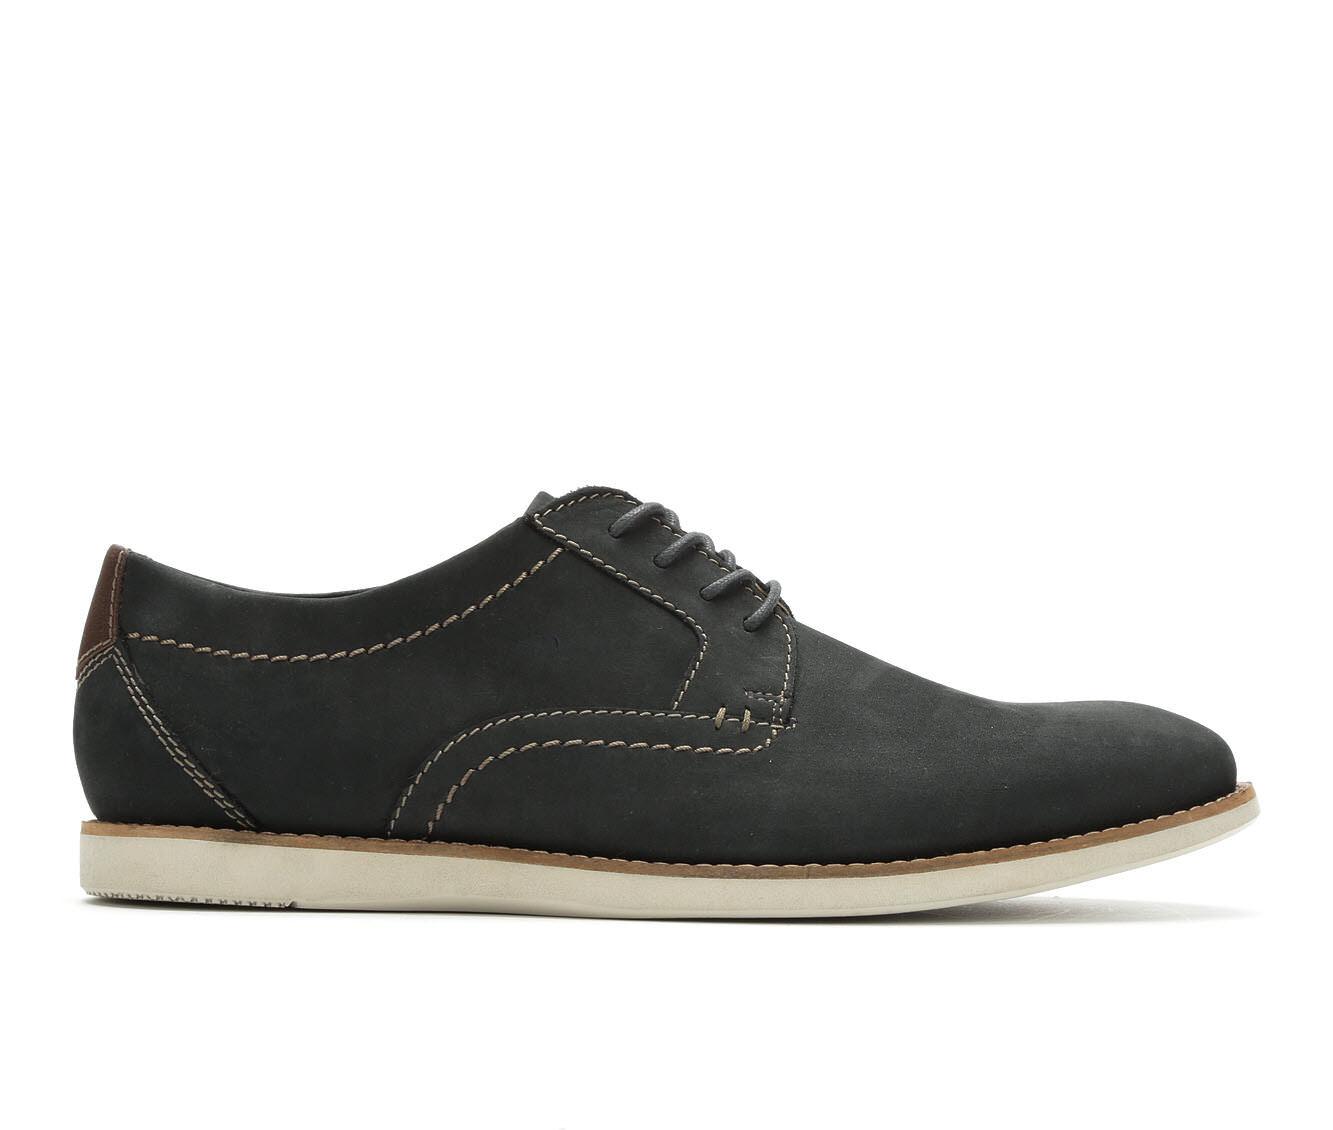 Men's Clarks Raharto Plain Toe Dress Shoes Blue Nubuck